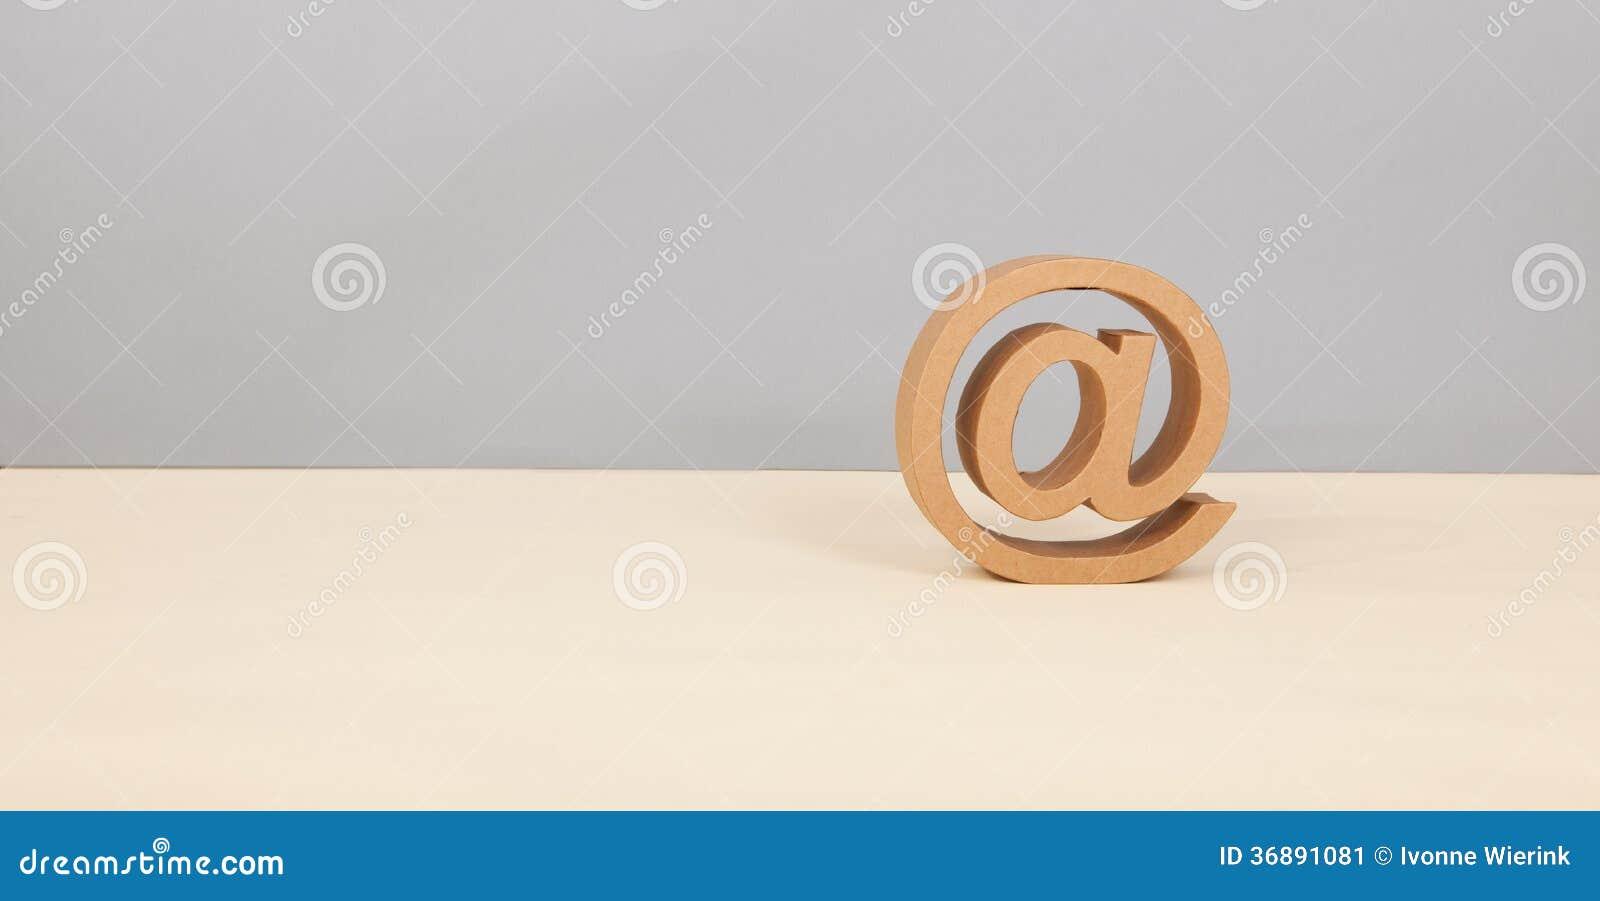 Download Al segno immagine stock. Immagine di spazio, background - 36891081